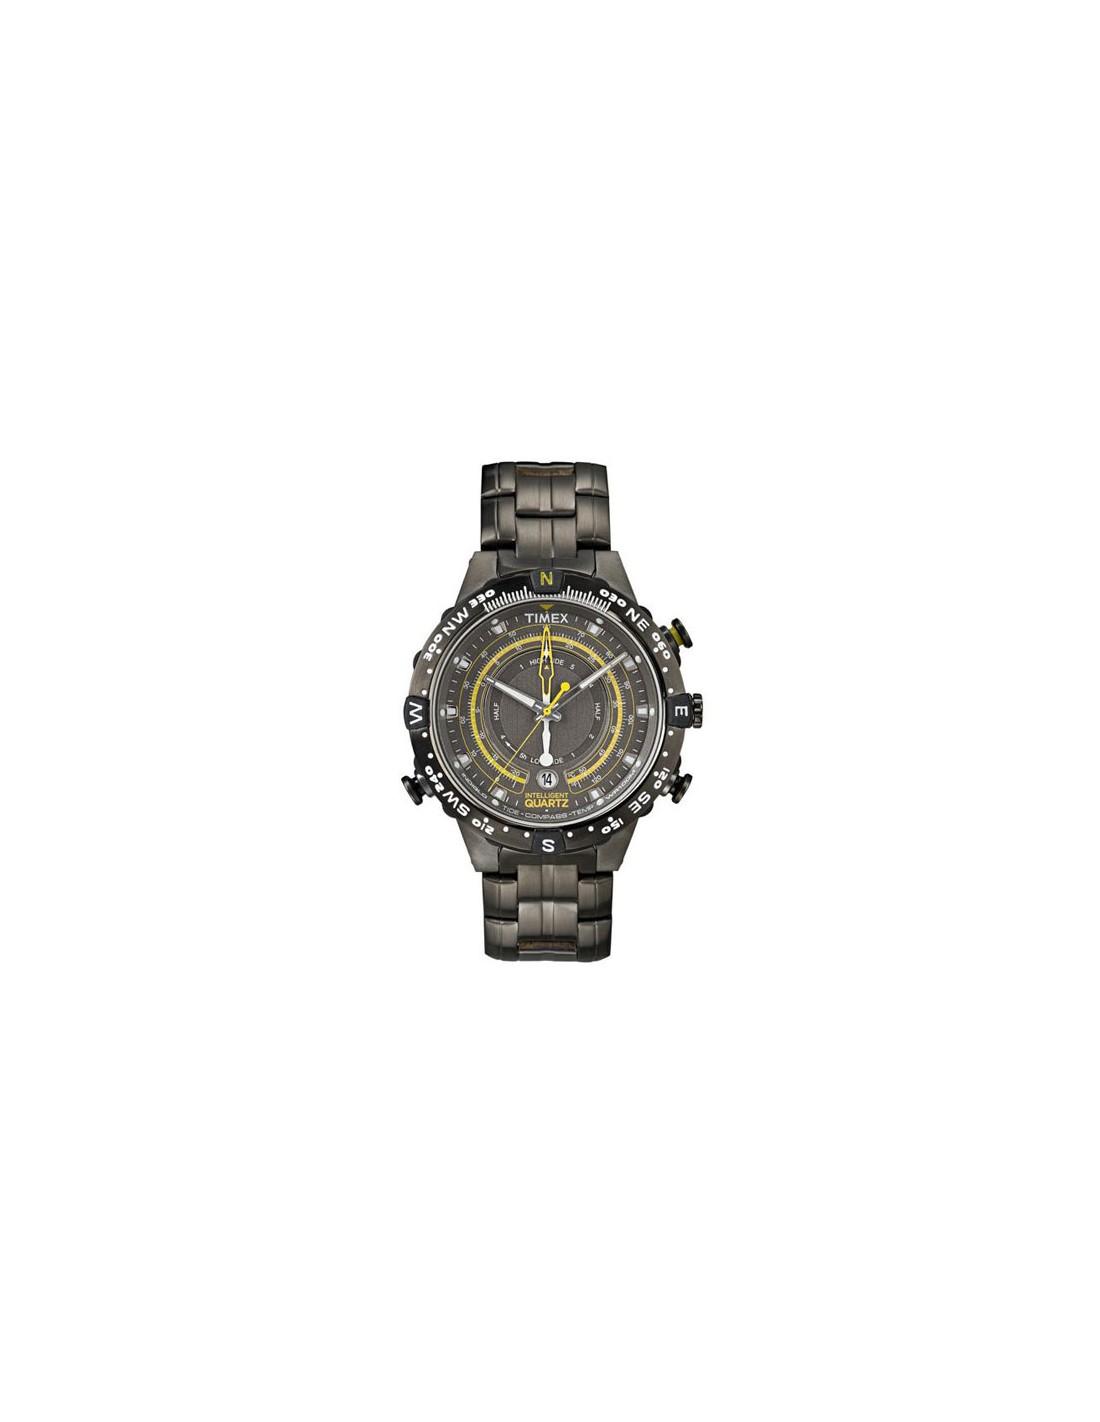 f2619fb3a387 T2P139 - Timex Tide Temperature y brújula